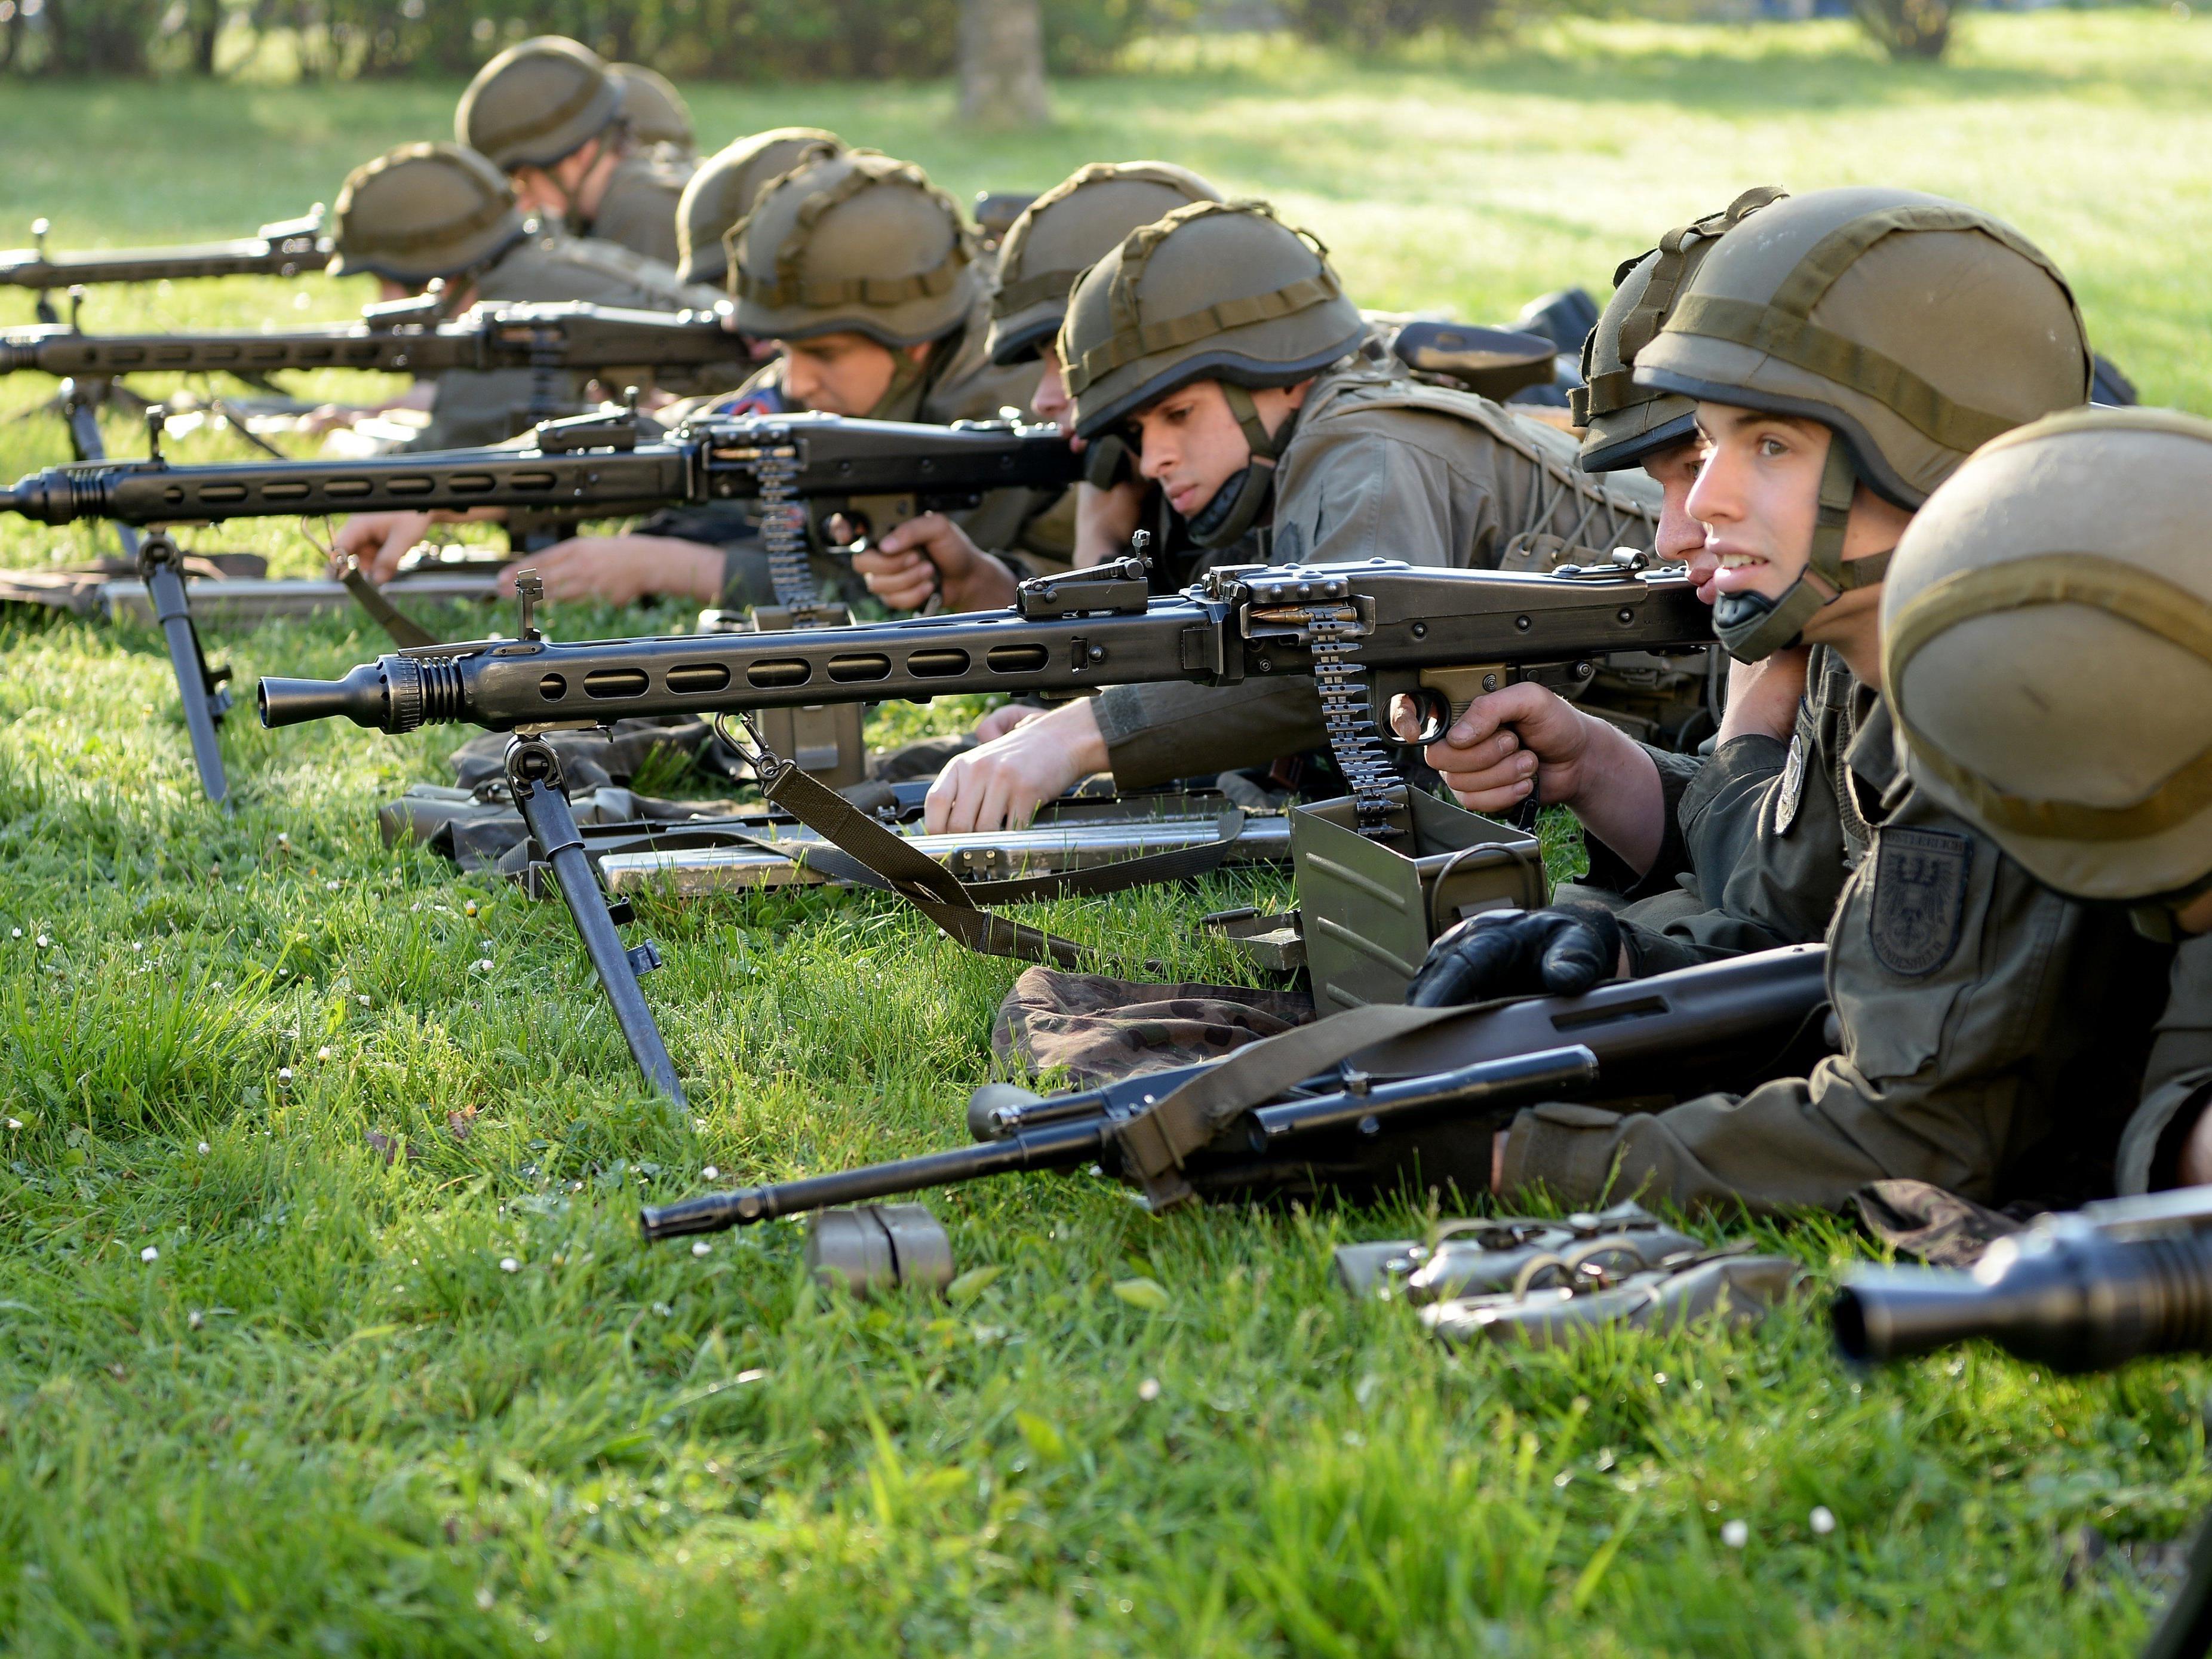 Am 1. Oktober erfolgt die Umstrukturierung des Bundesheers in Vorarlberg. Volleinsatzfähig sind die vier Kompanien des Jägerbataillons 23 aber erst 2020: Bisher fehlt das Personal.